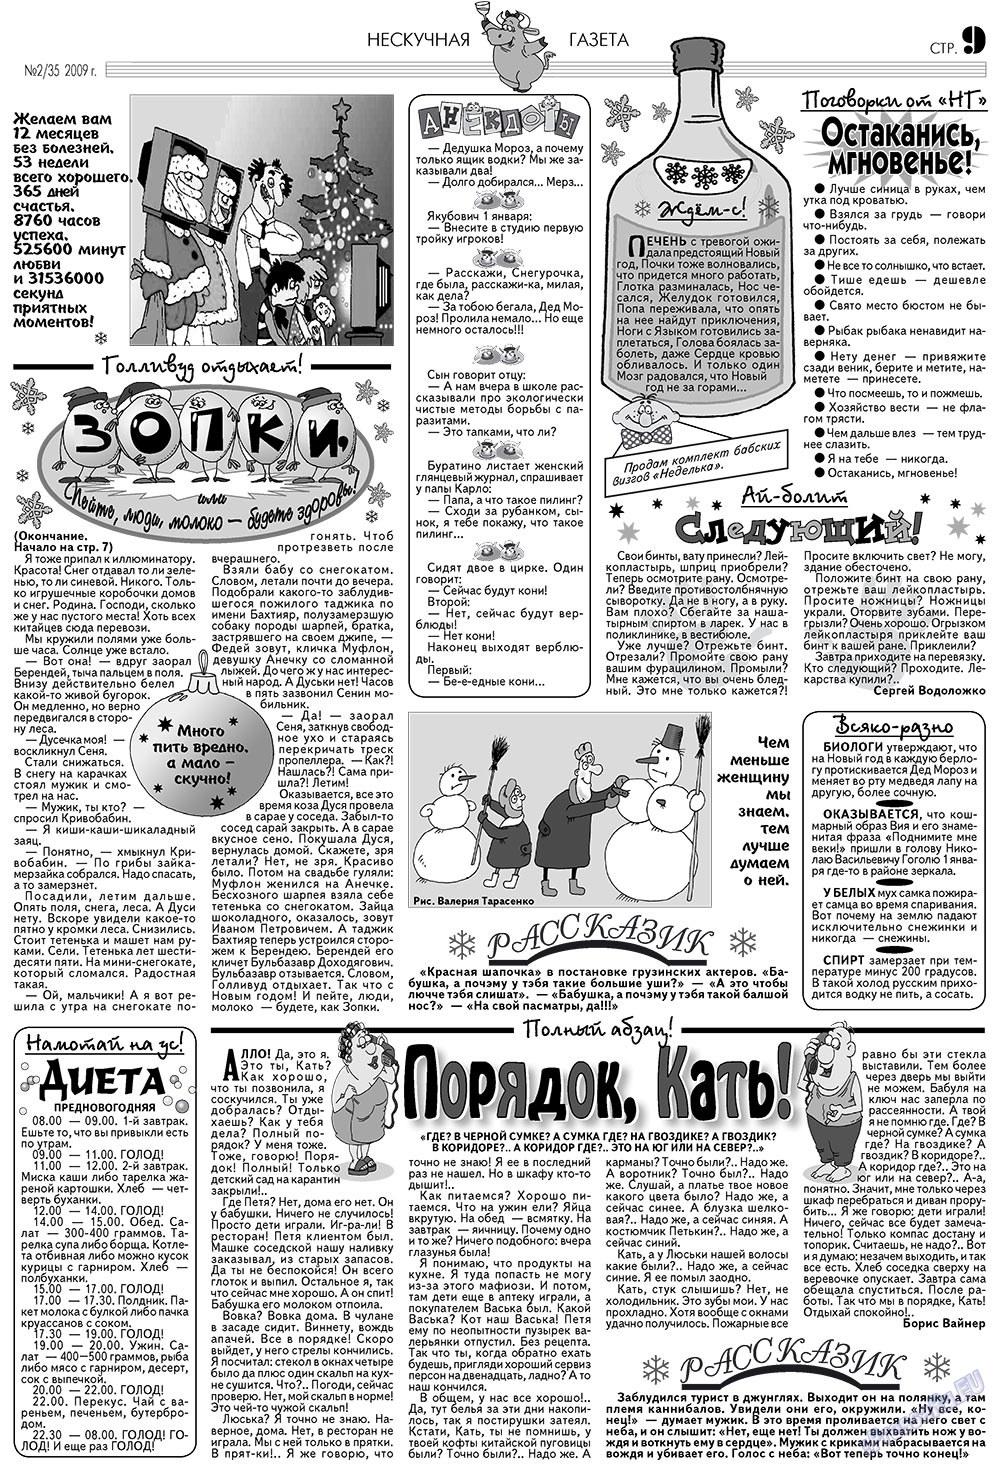 Нескучная газета (газета). 2009 год, номер 2, стр. 9